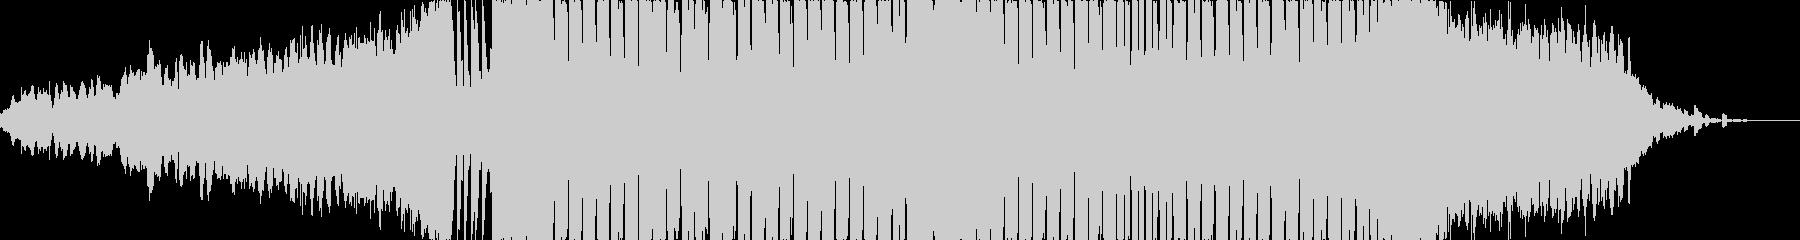 怪しげな雰囲気のEDMの未再生の波形